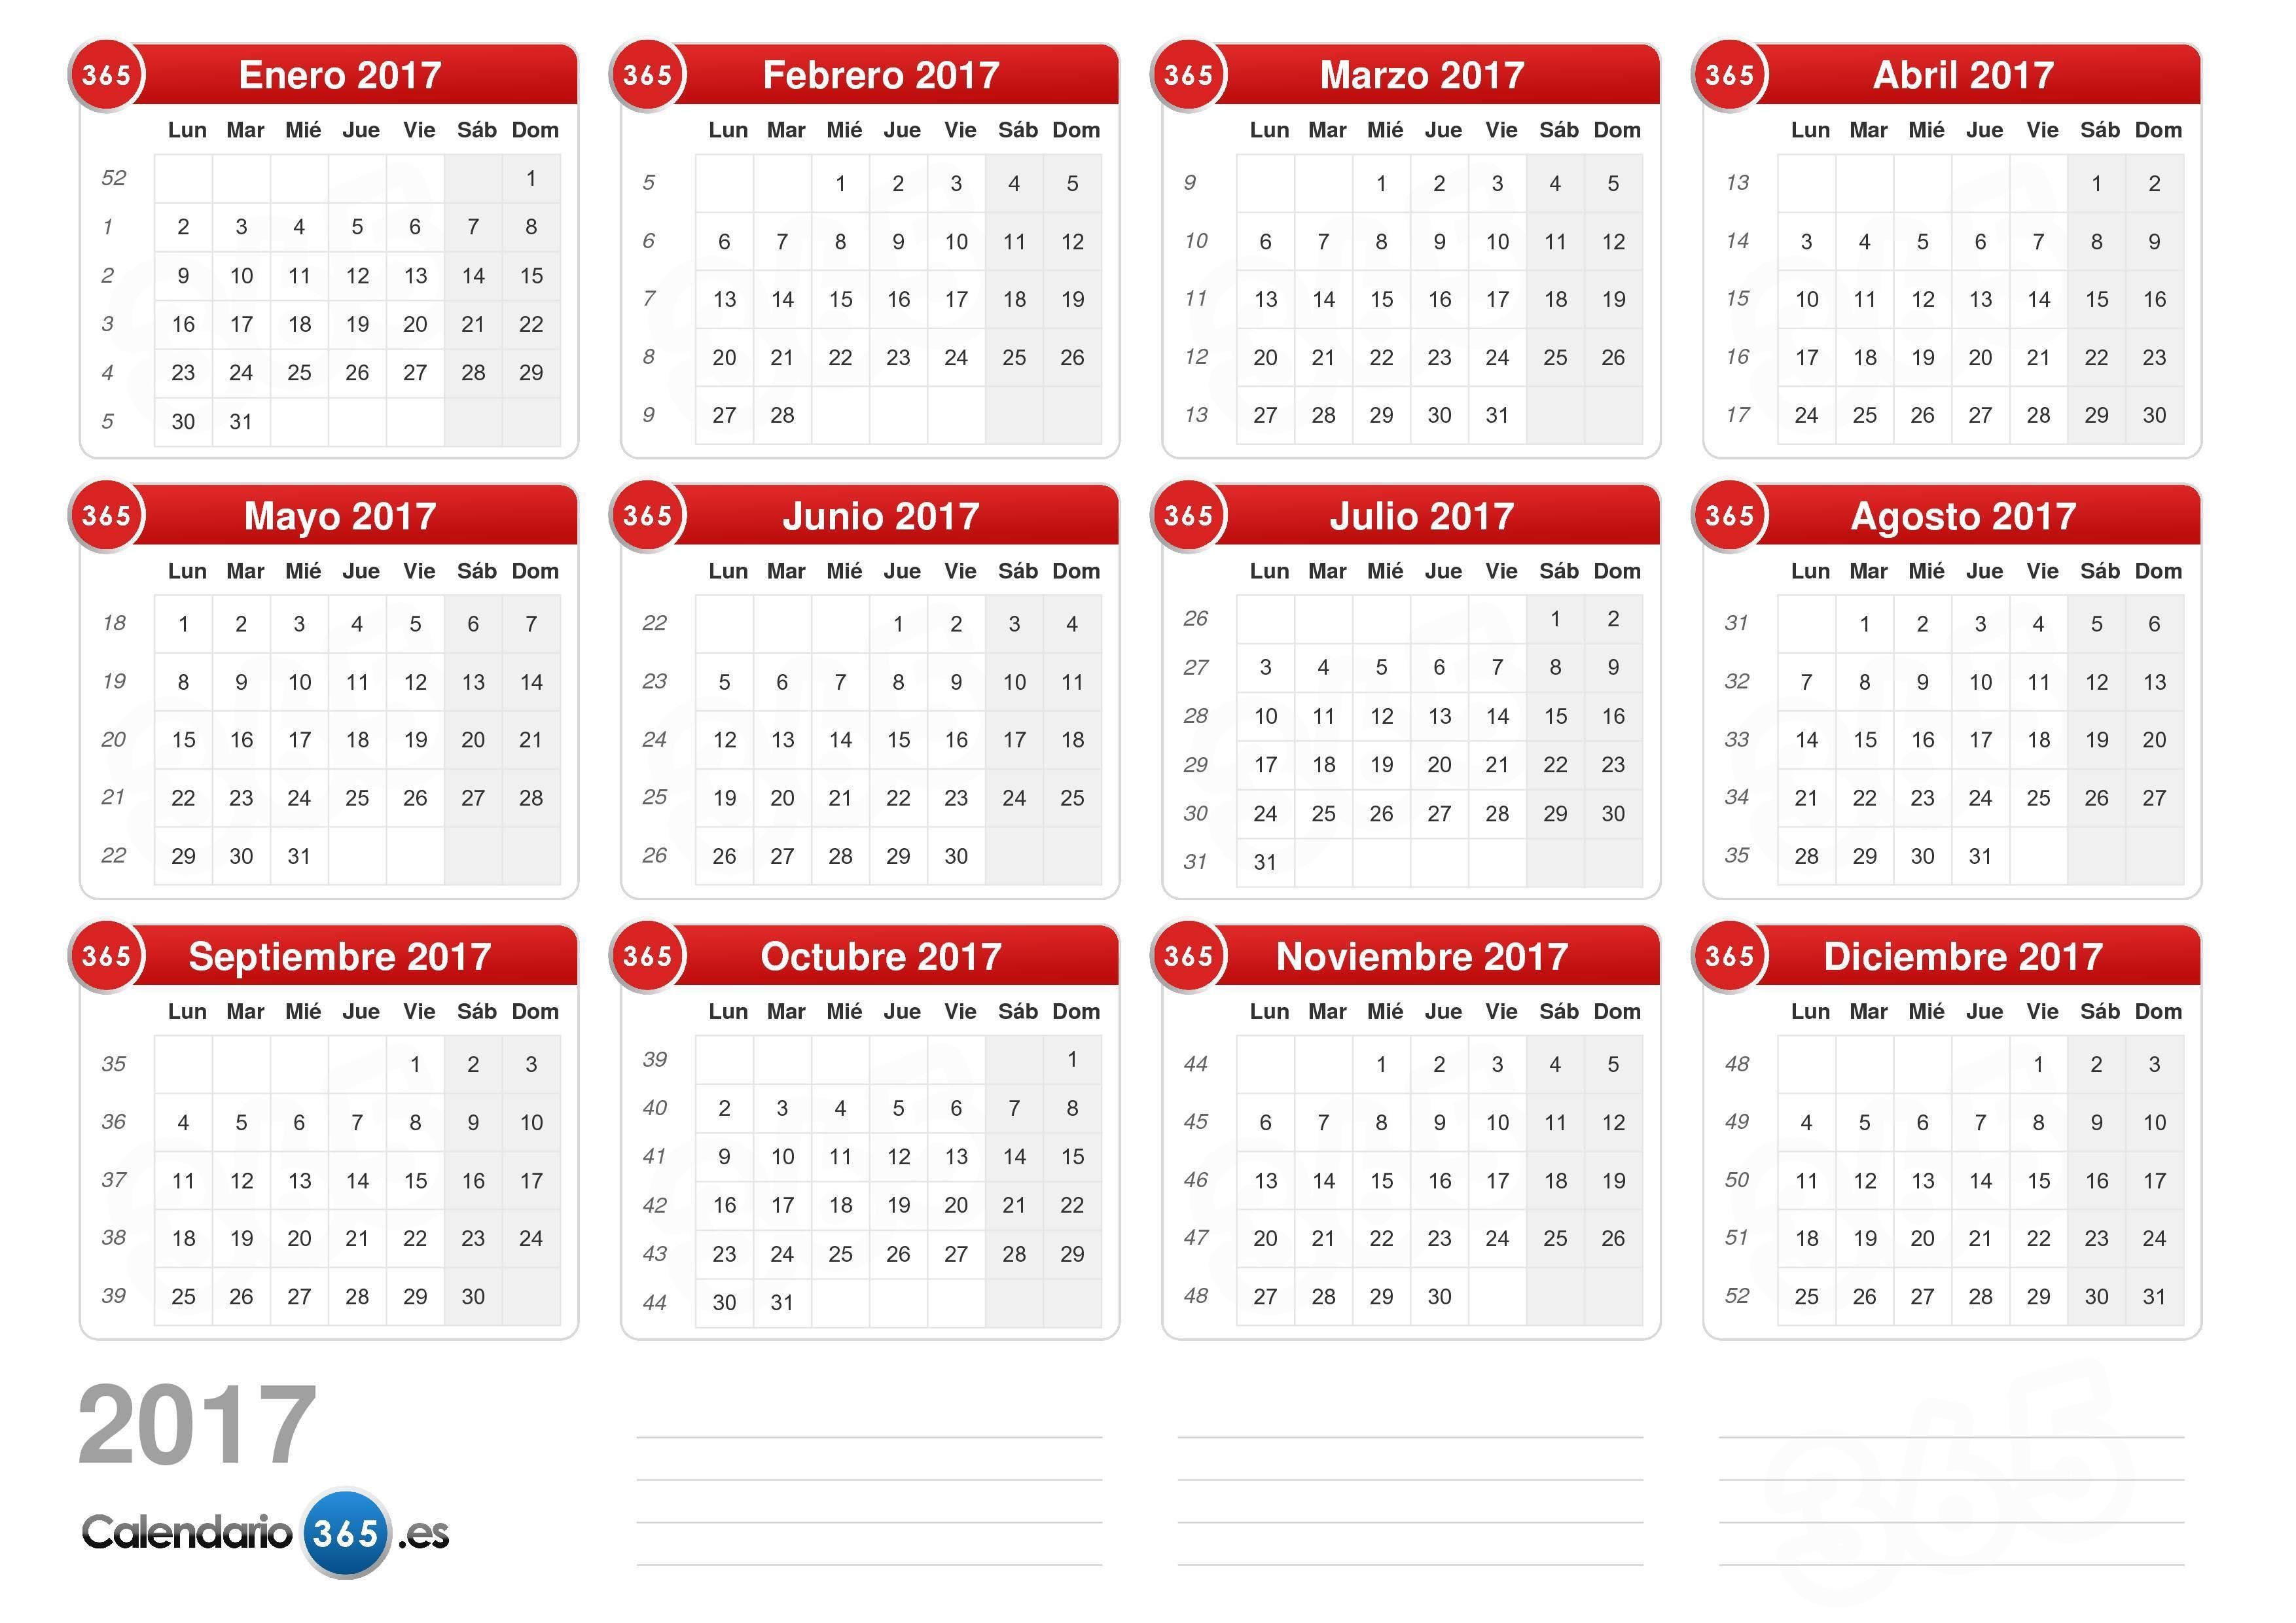 Calendario Para Imprimir Mayo Y Junio 2019 Más Actual Calendario 2017 Of Calendario Para Imprimir Mayo Y Junio 2019 Más Recientemente Liberado Eur Lex R2447 En Eur Lex